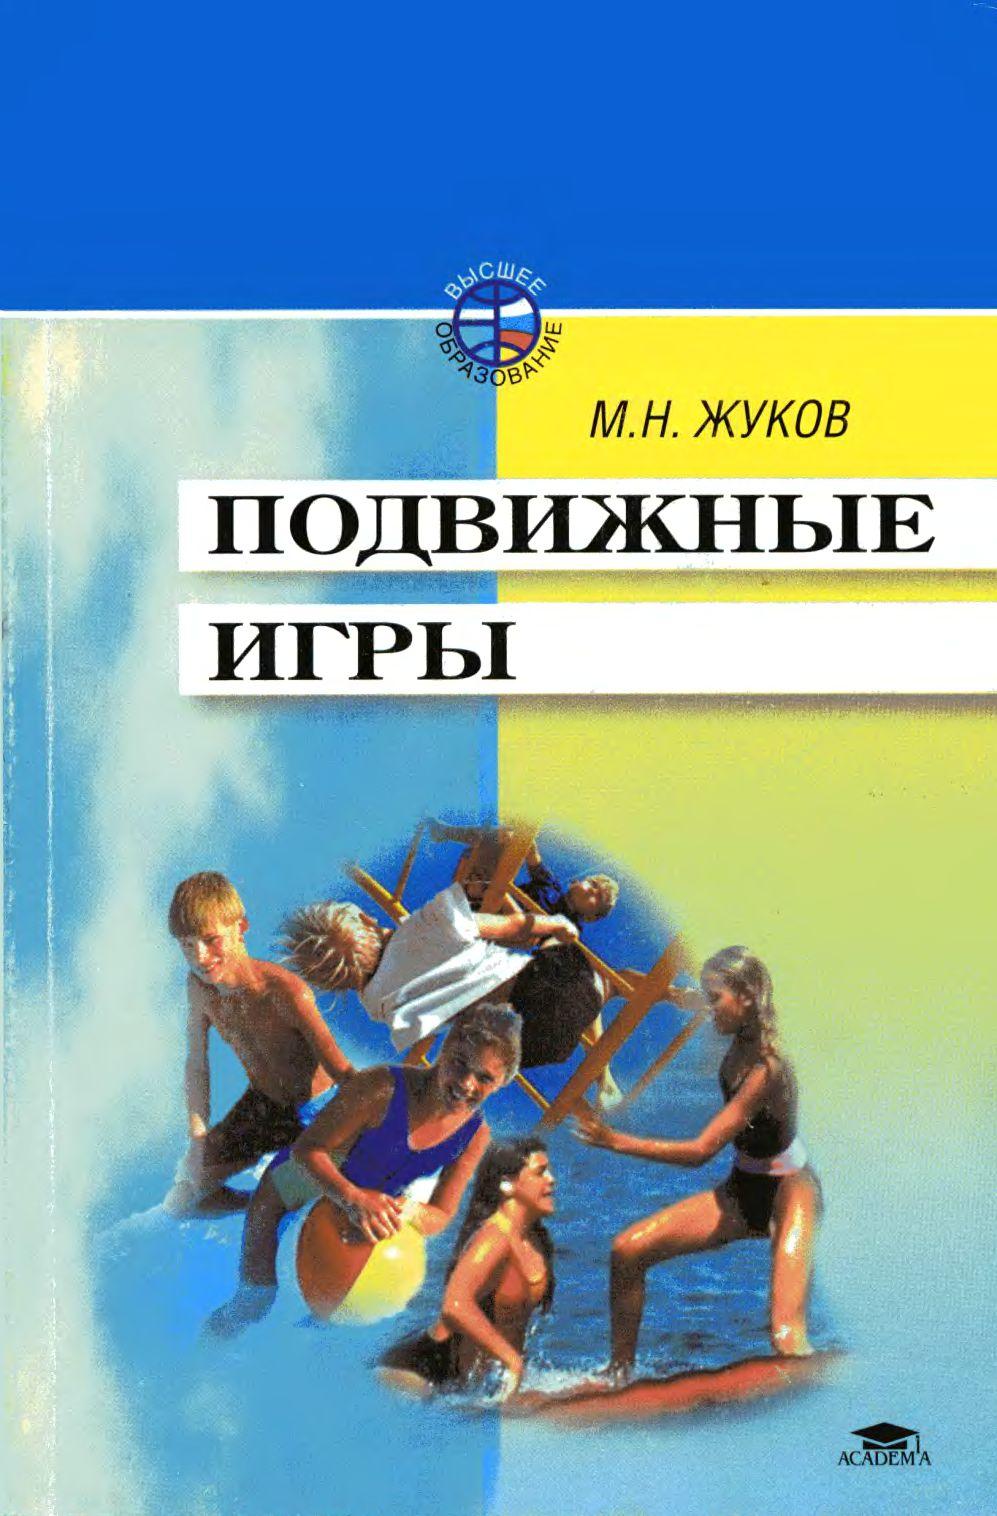 Скачать книгу жуков м н подвижные игры